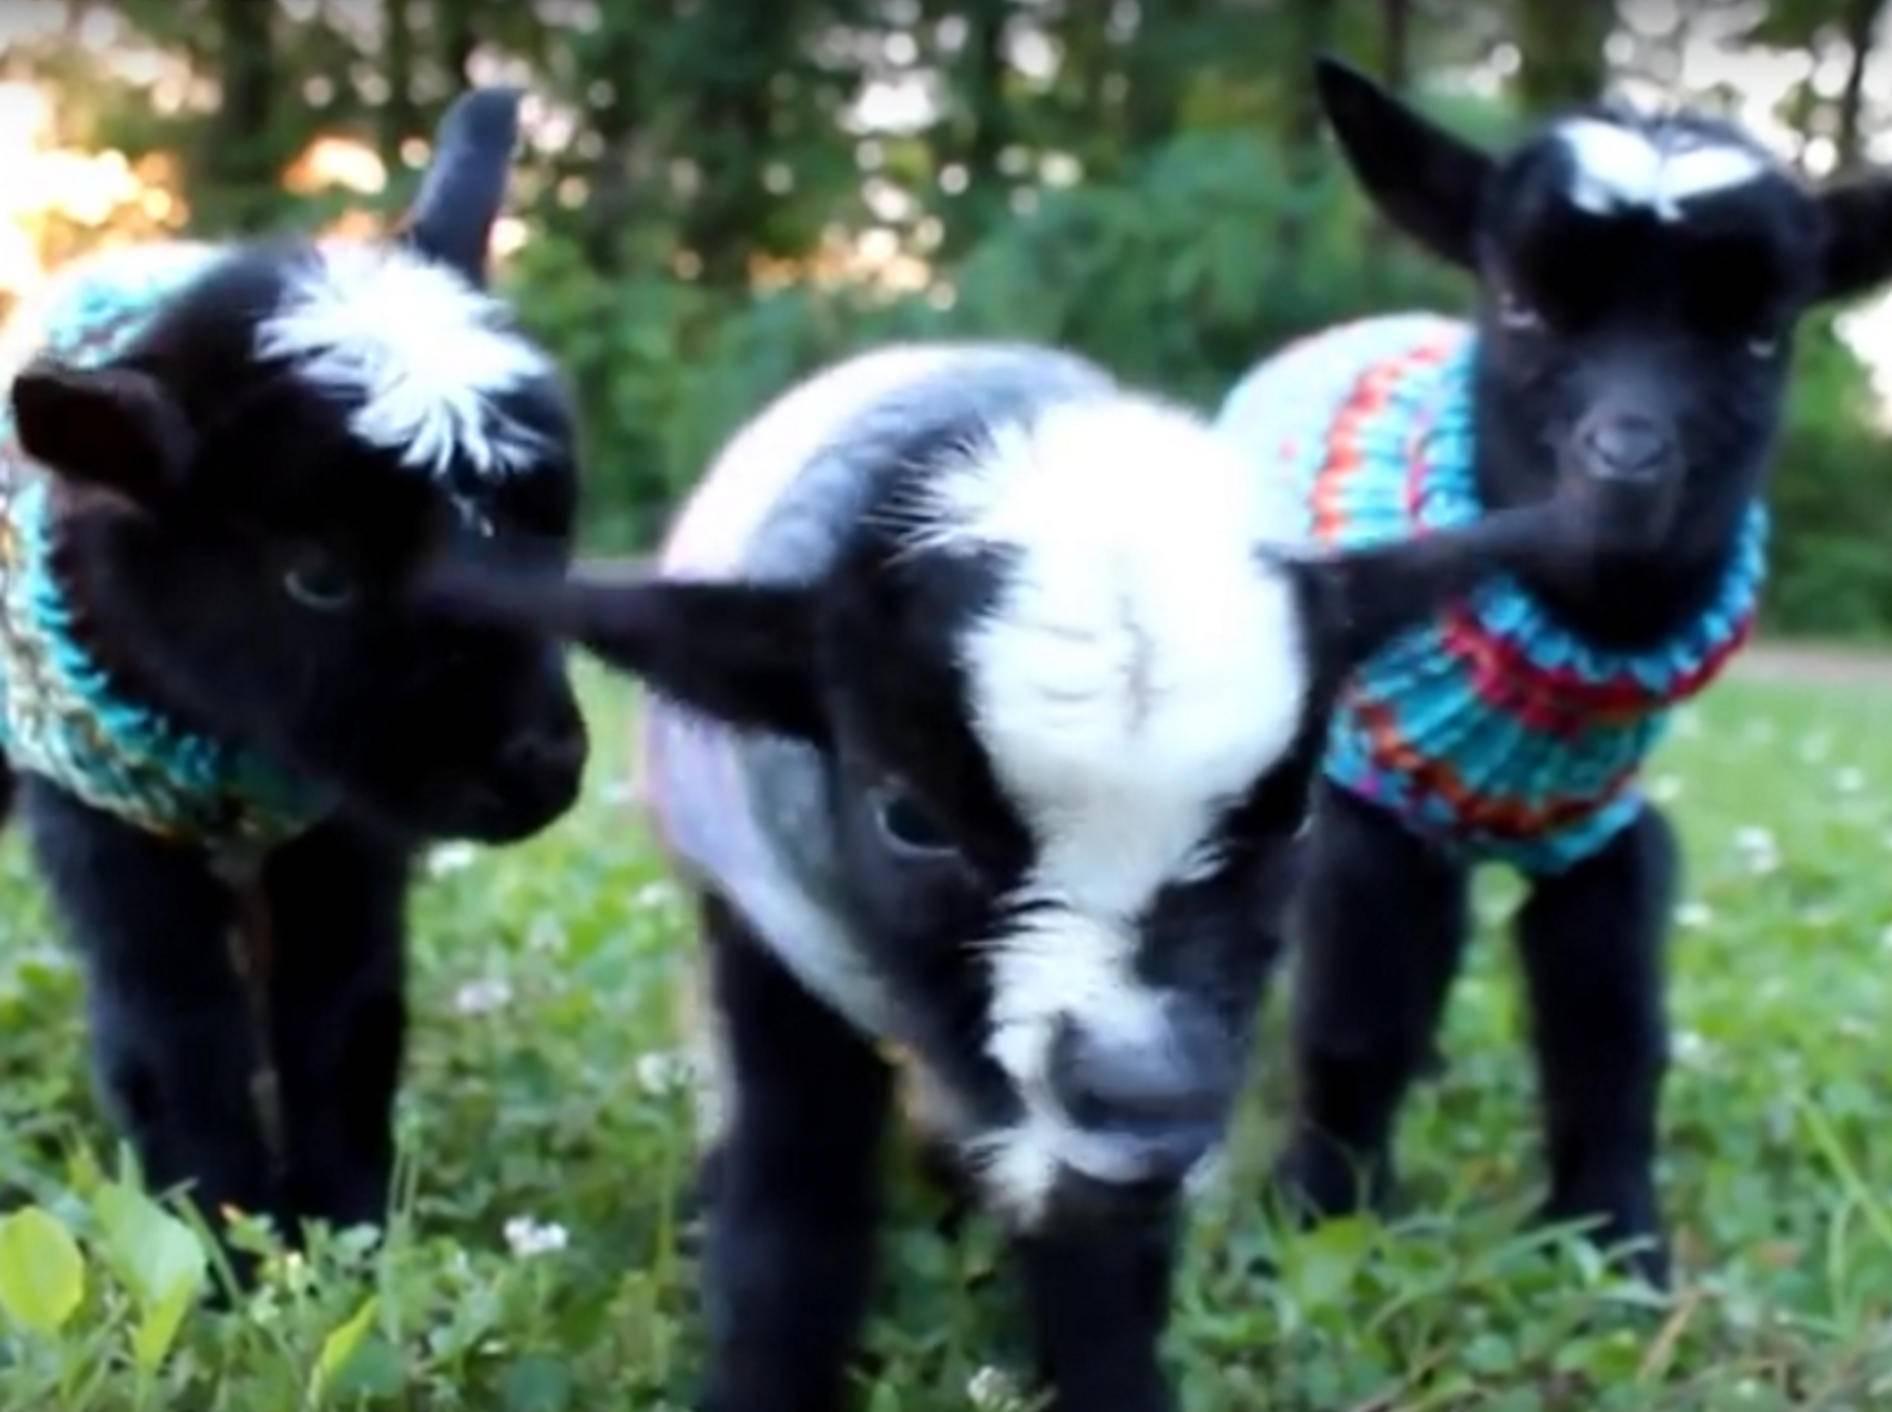 Neuigierig blinzeln die drei süßen Zicklein in die Kamera – YouTube / Lil'Critterz